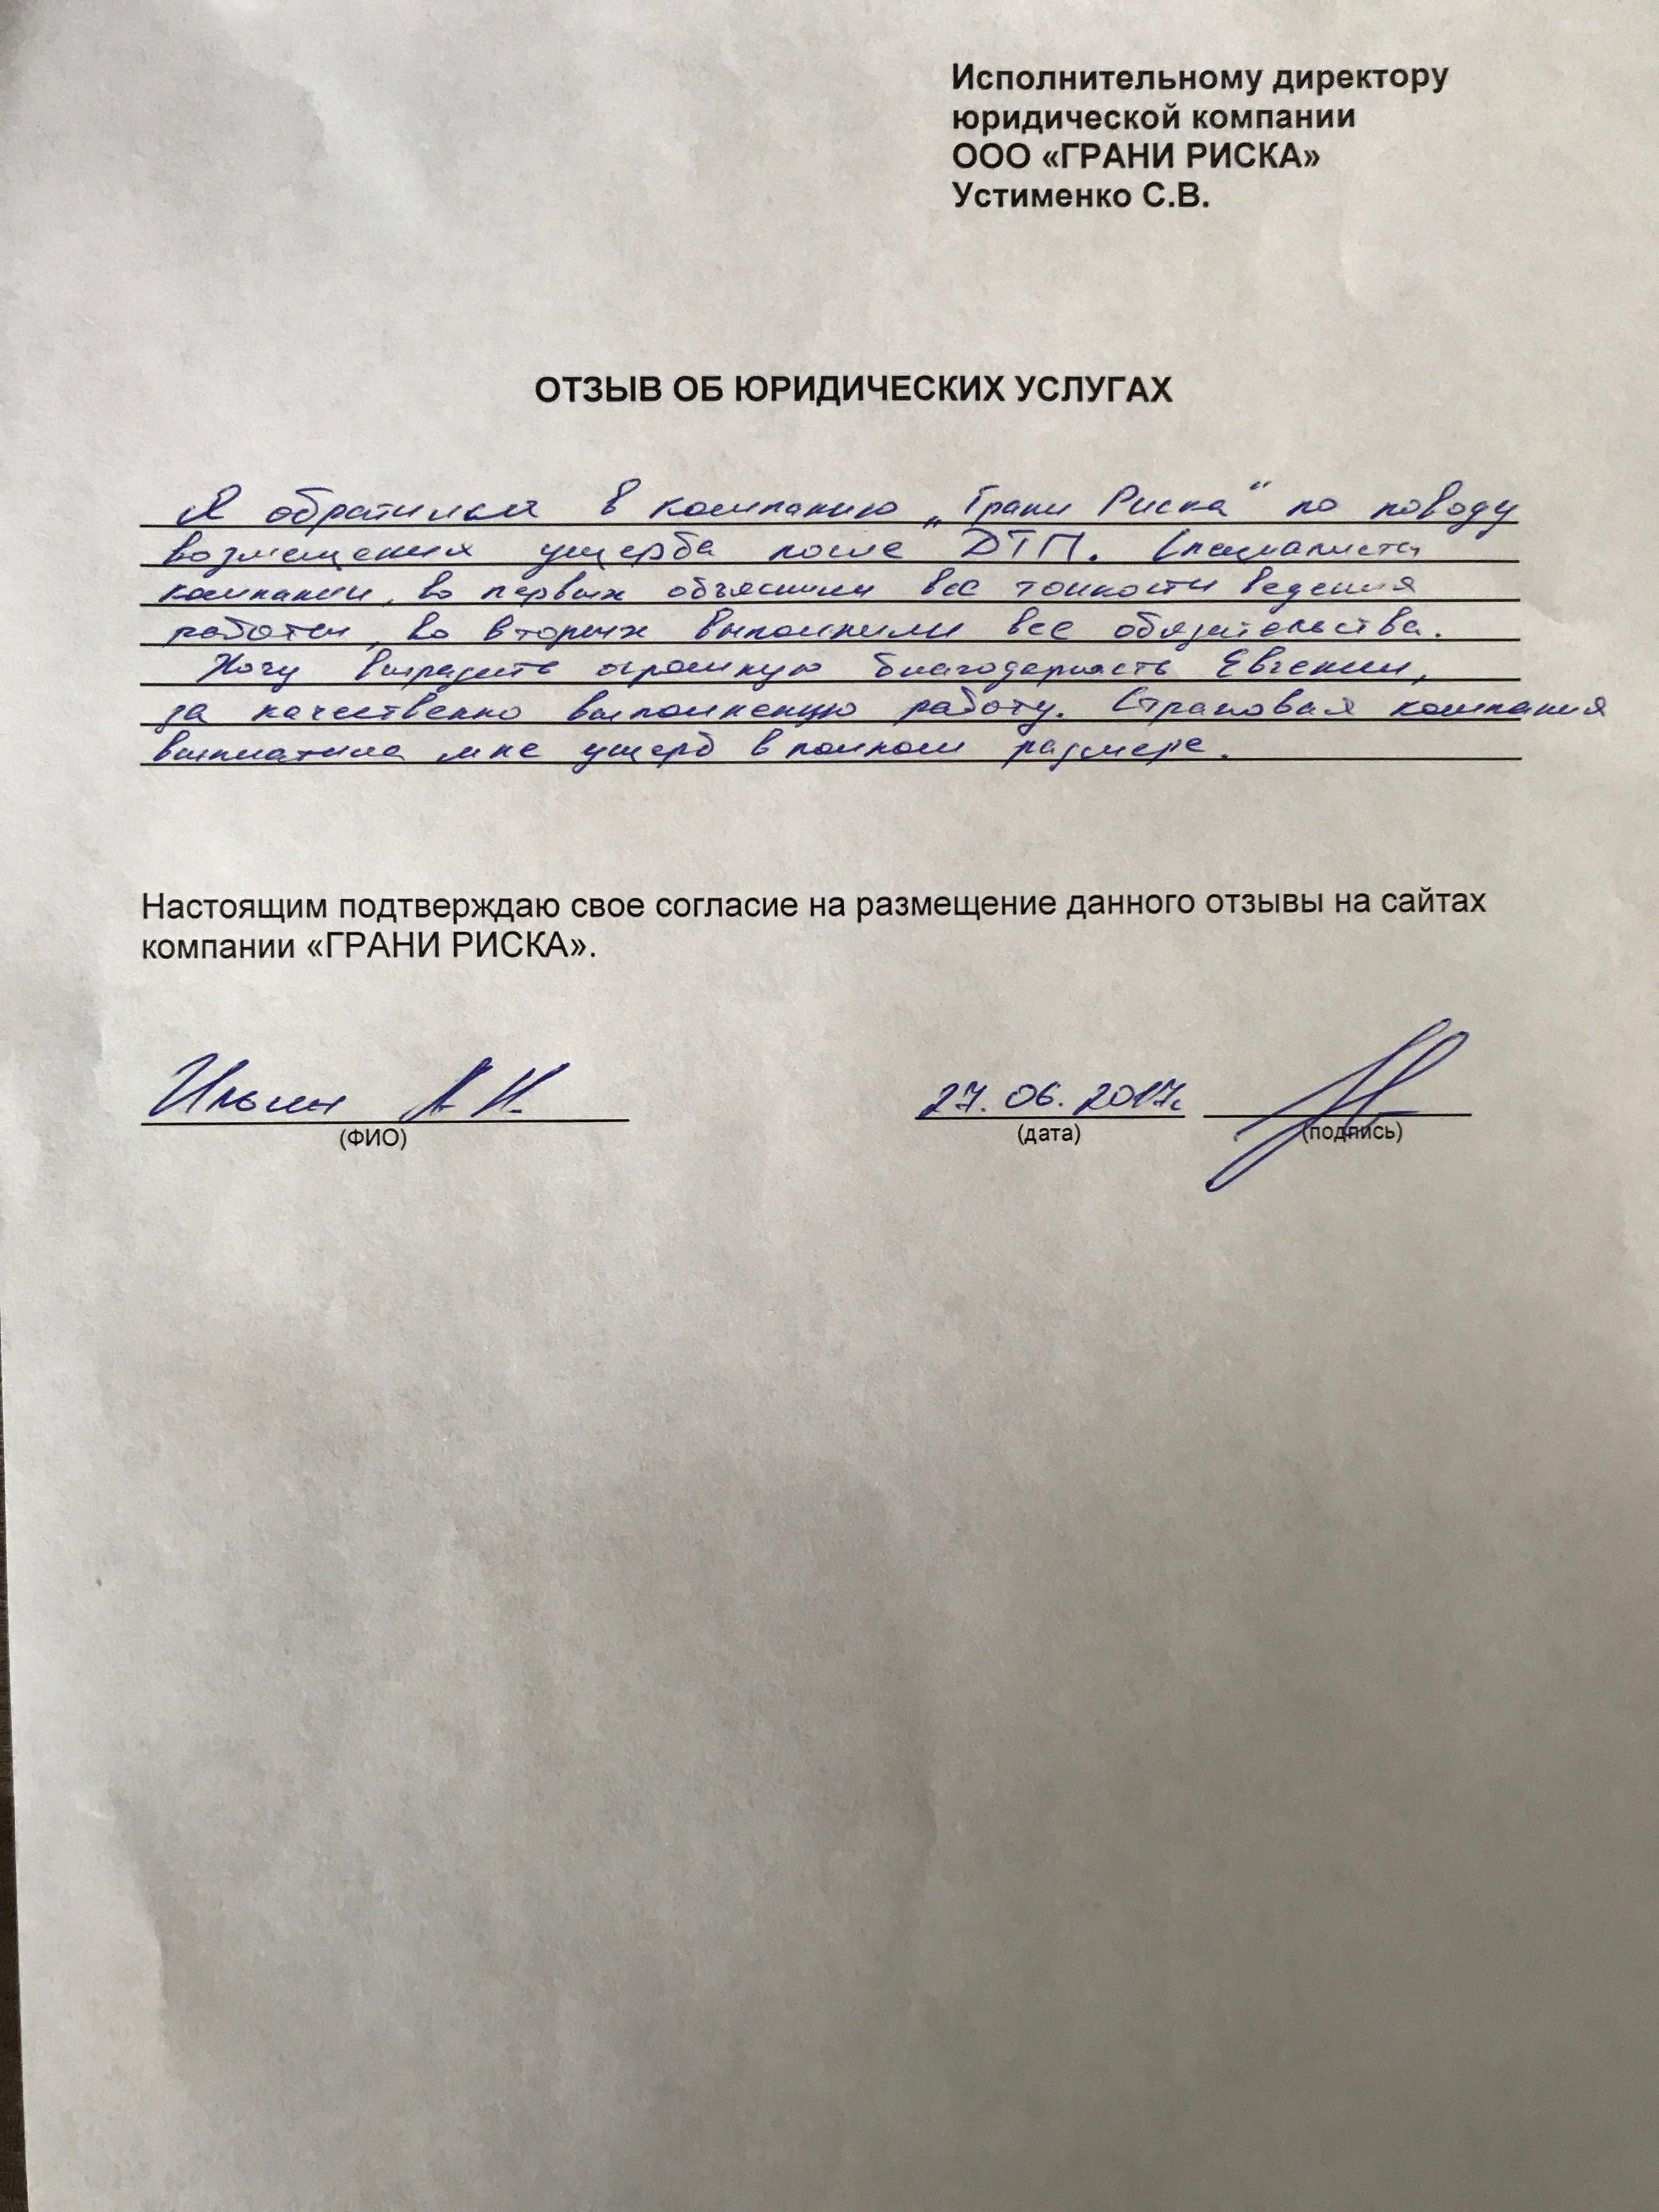 Отзыв Ильина А. Н.